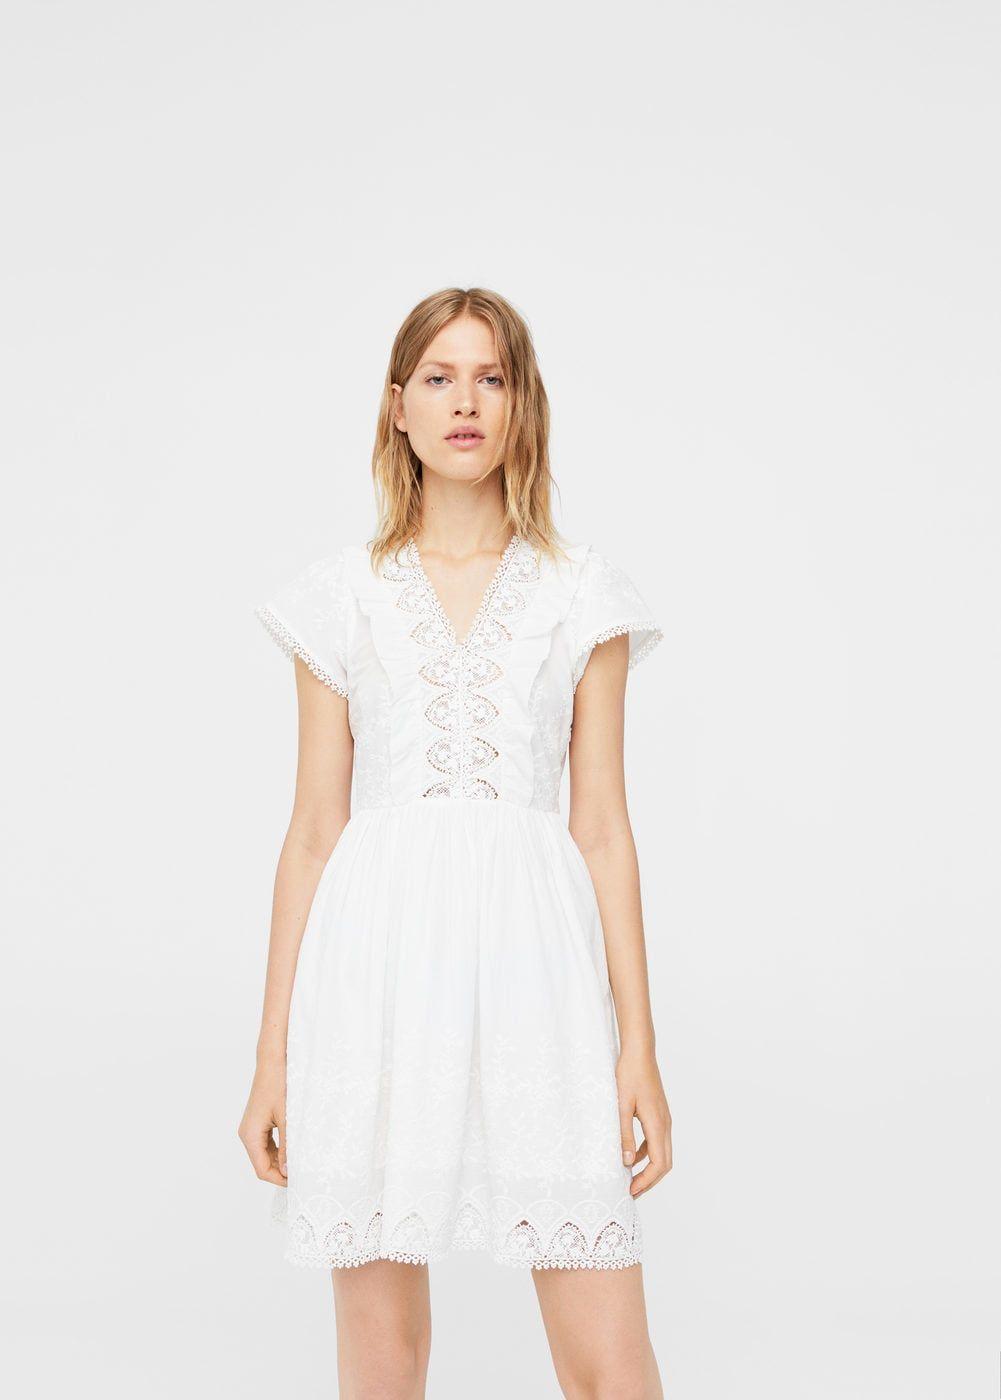 kleid mit besticktem einsatz - damen   freizeitkleider